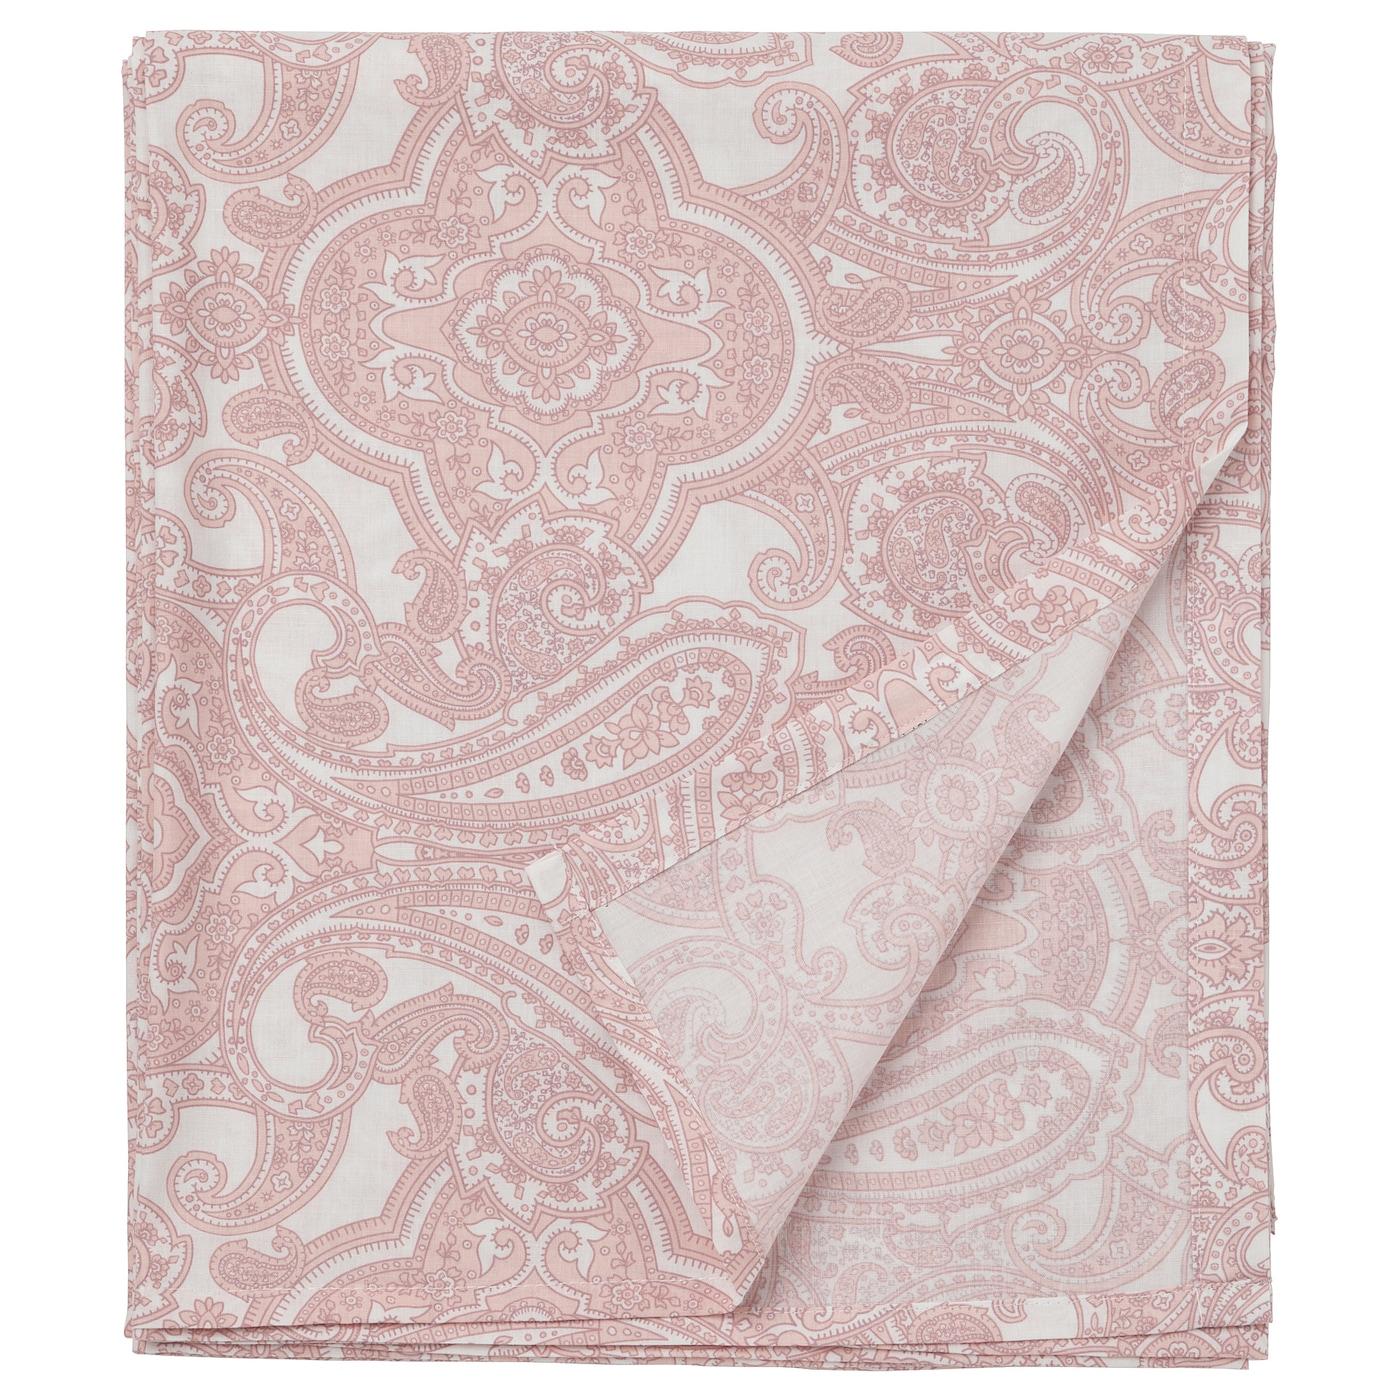 JÄTTEVALLMO Lençol branco, rosa 150x260 cm